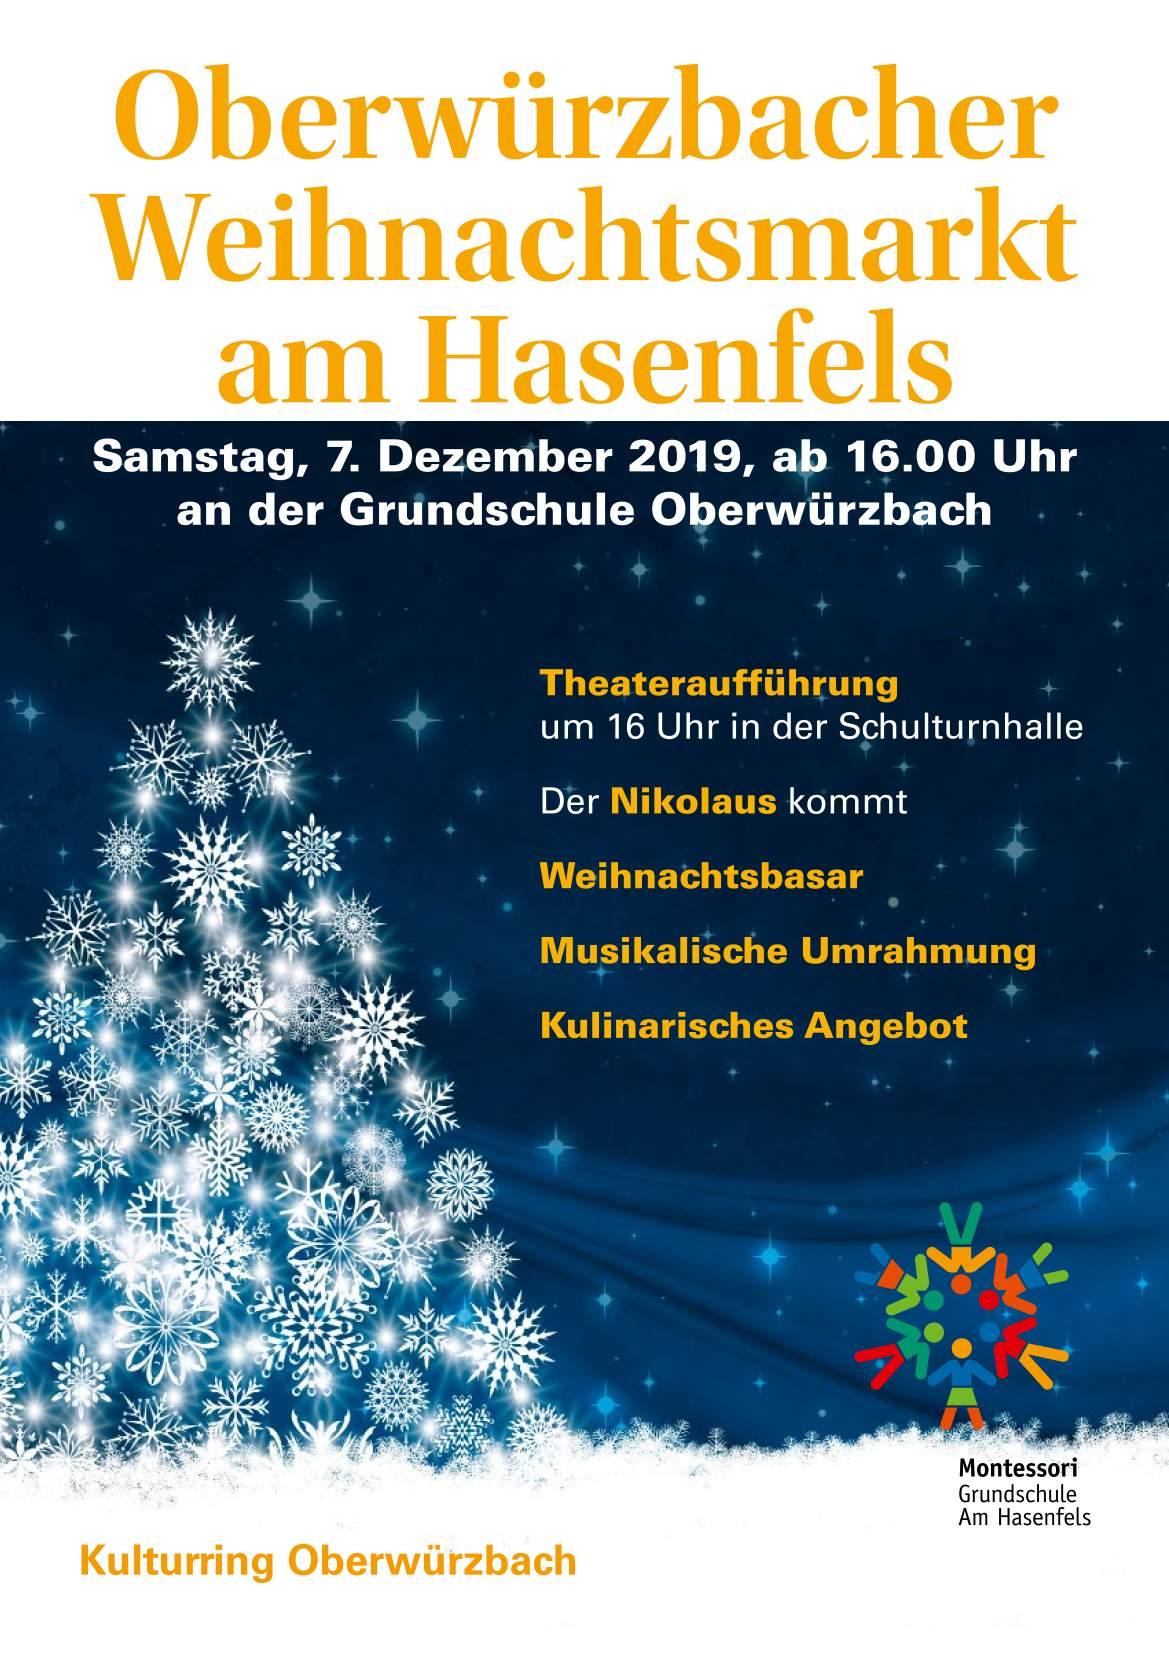 Oberwürzbacher Weihnachtsmarkt am Hasenfels